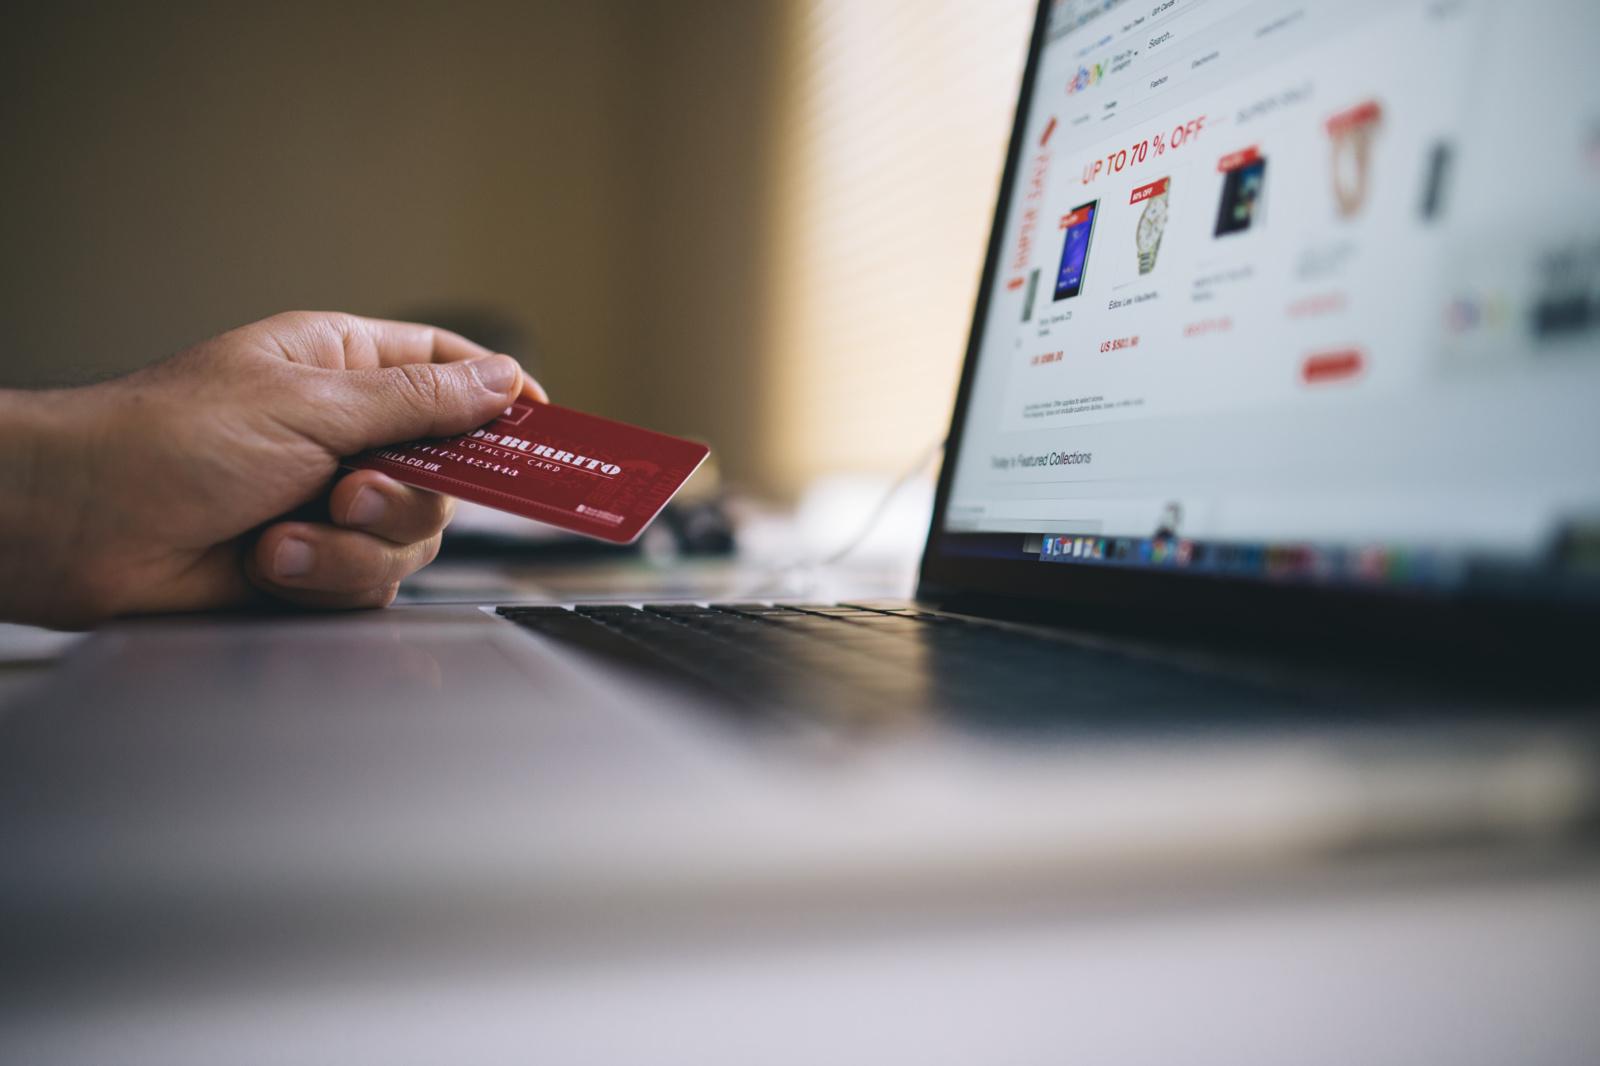 """""""Swedbank"""" slaptažodžių kodų kortelių naudotojams - 100 eurų limitas"""